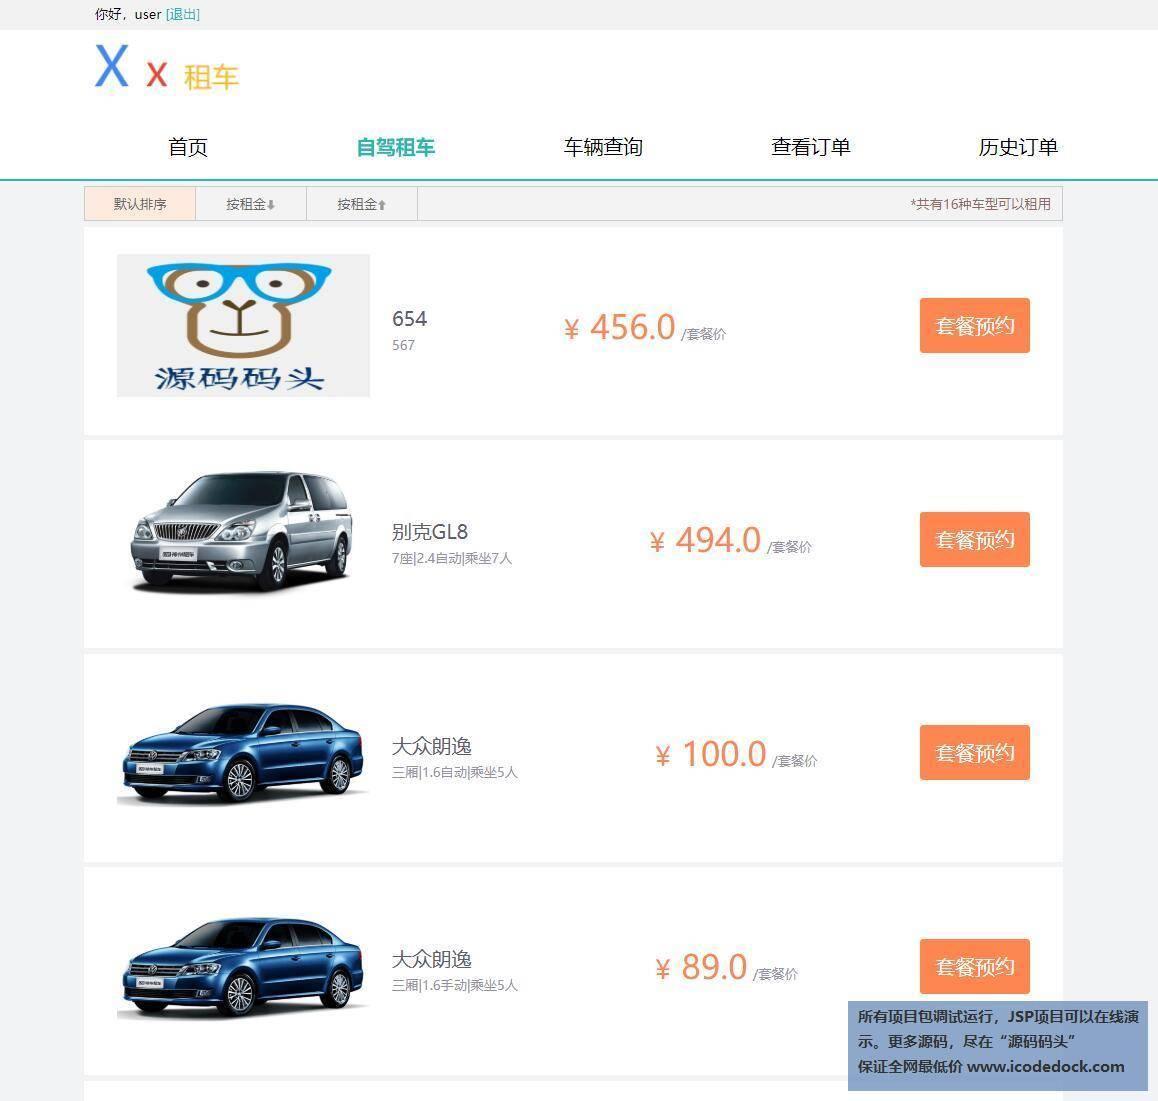 源码码头-JSP汽车出租管理系统-用户角色-用户首页